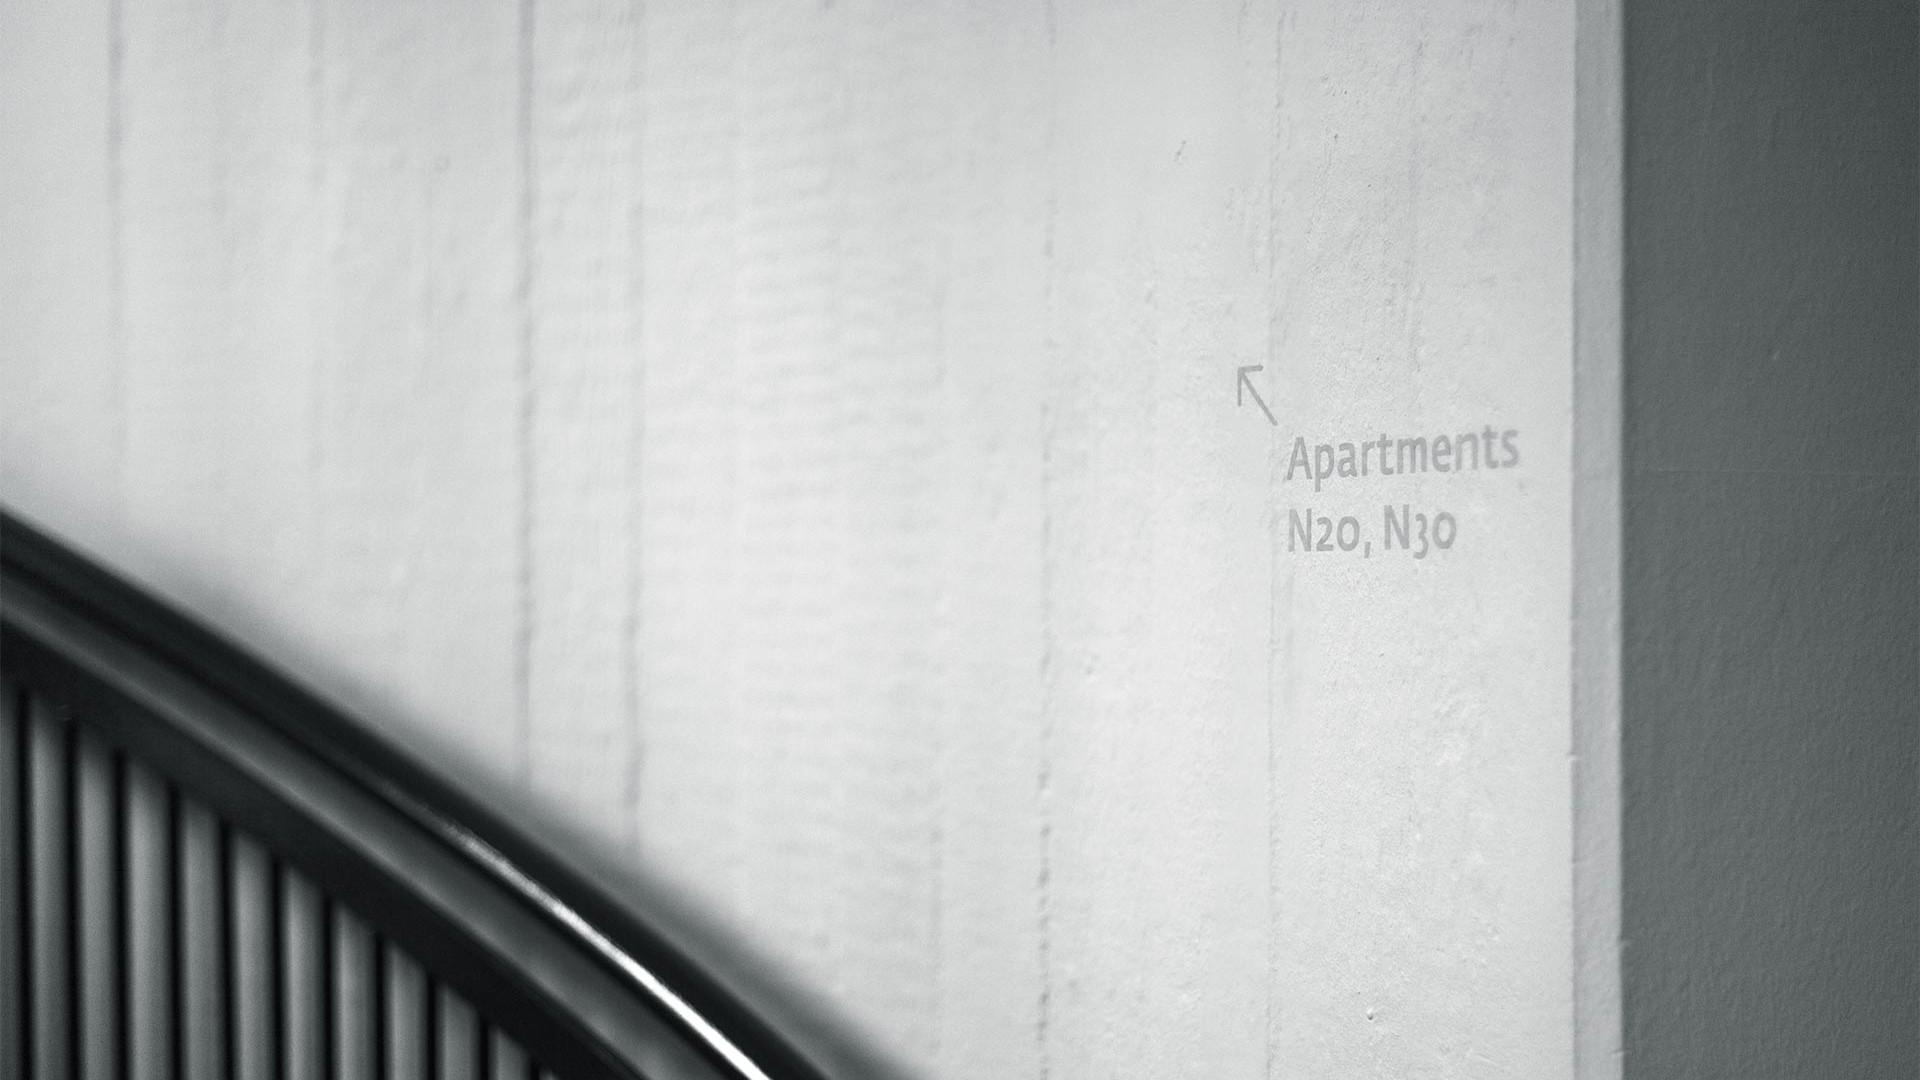 Auf einer rohen Betonwand mit einem schwarzen Treppengeländer verweisen dezente, hellgraue Buchstaben auf die Apartments im ersten Stock.